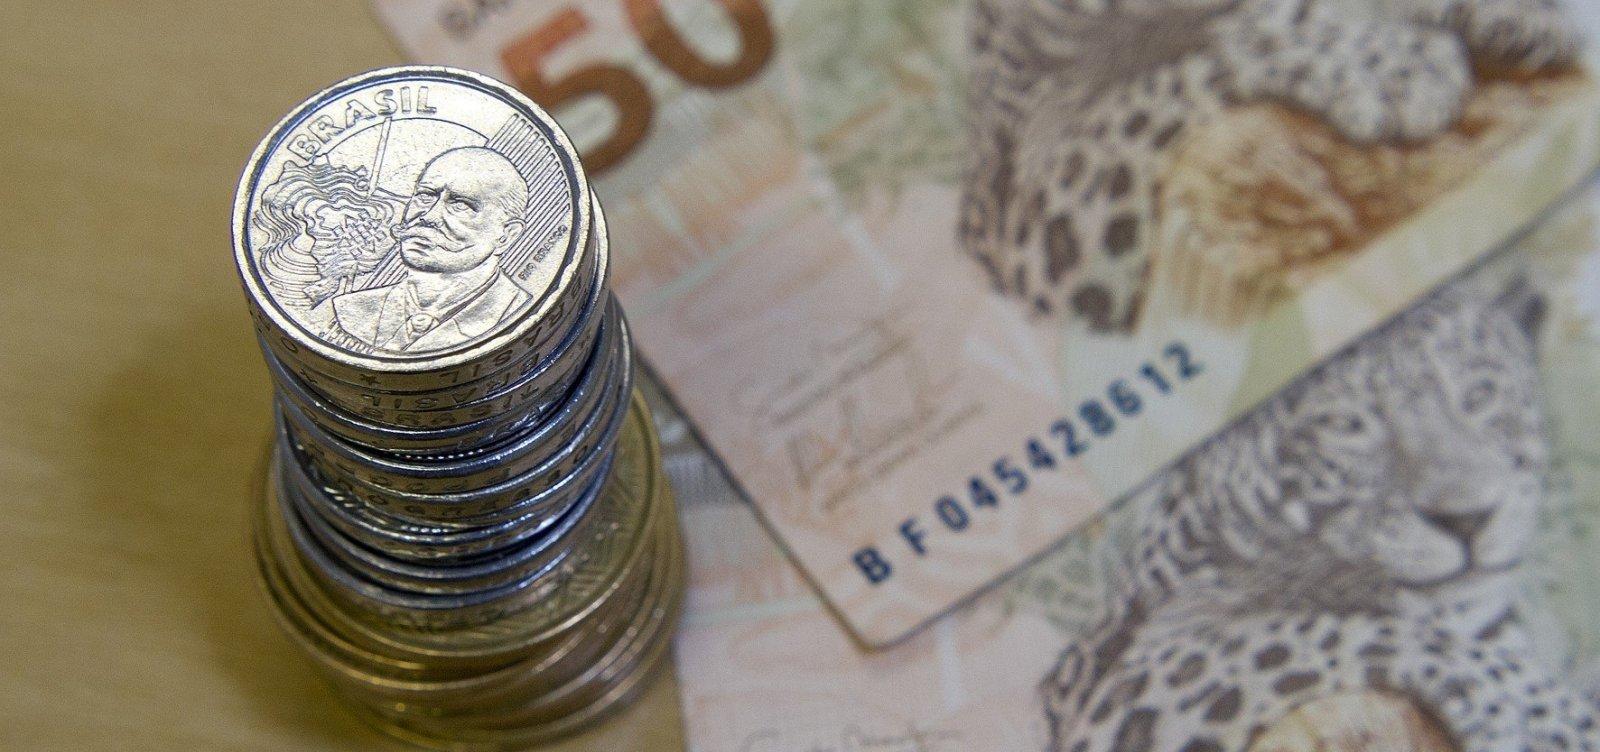 Banco Mundial reduz de 2,4% para 1,2% a previsão de crescimento do PIB do Brasil em 2018